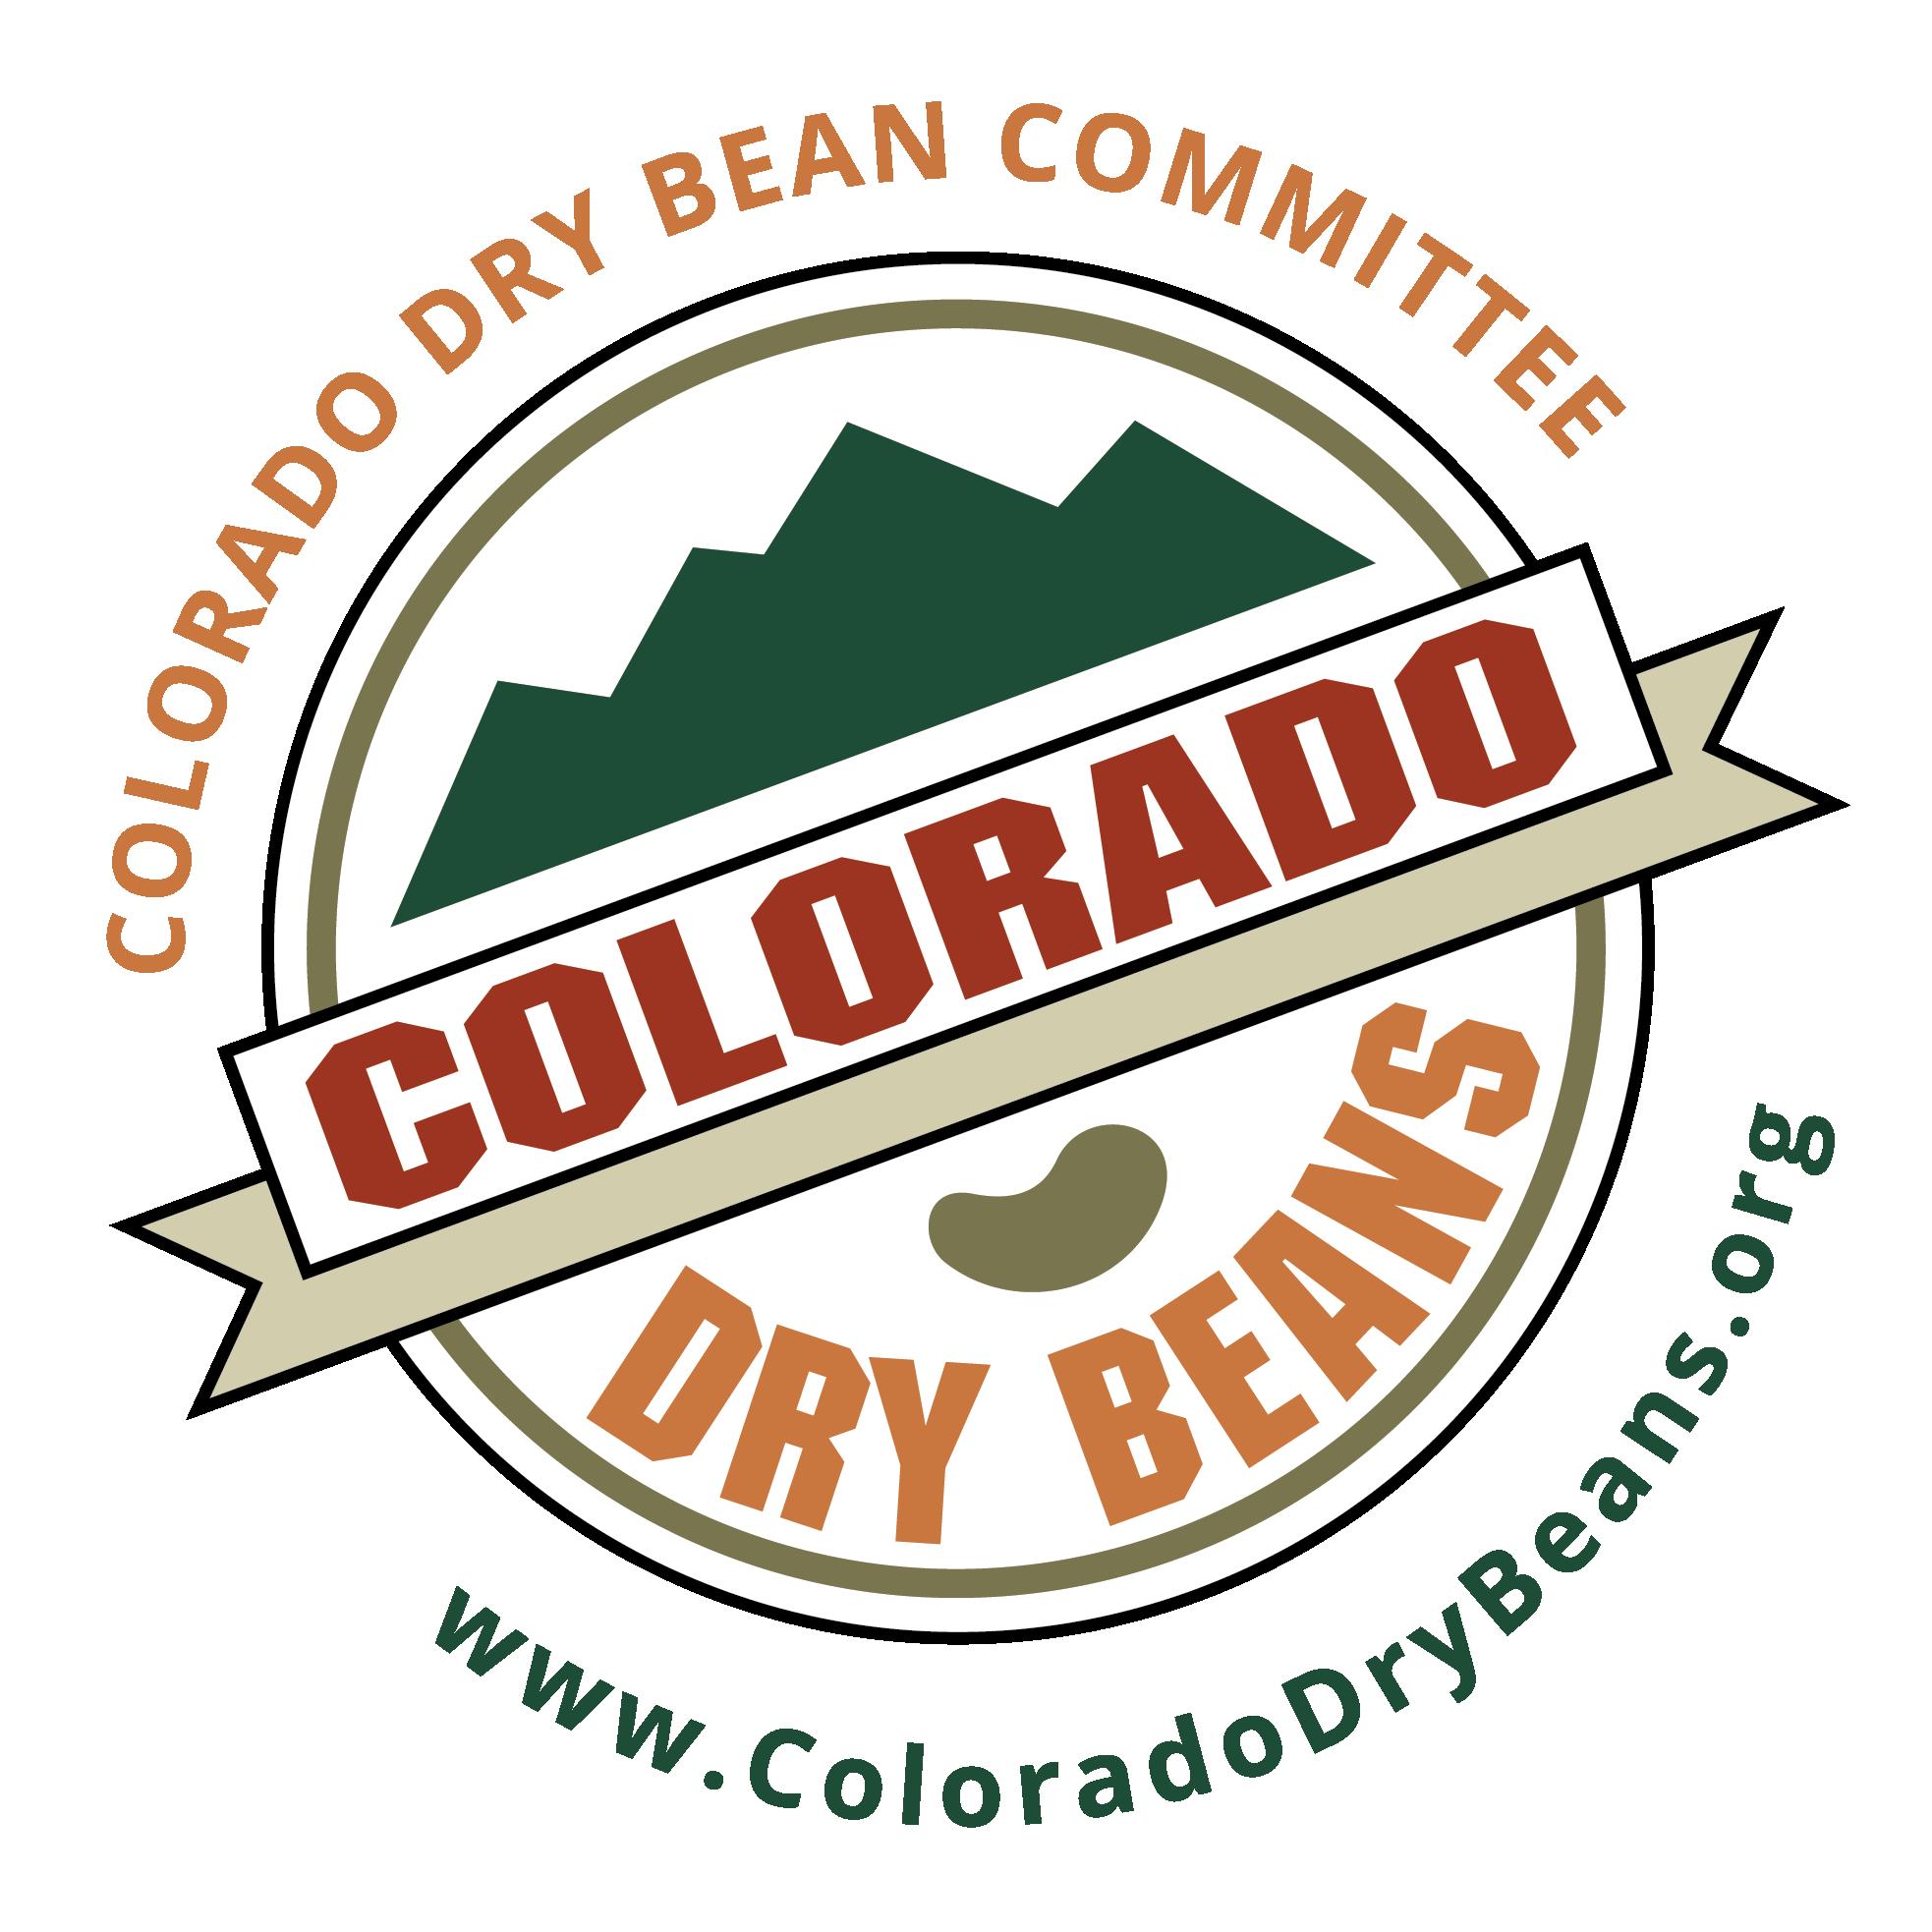 Colorado Dry Beans